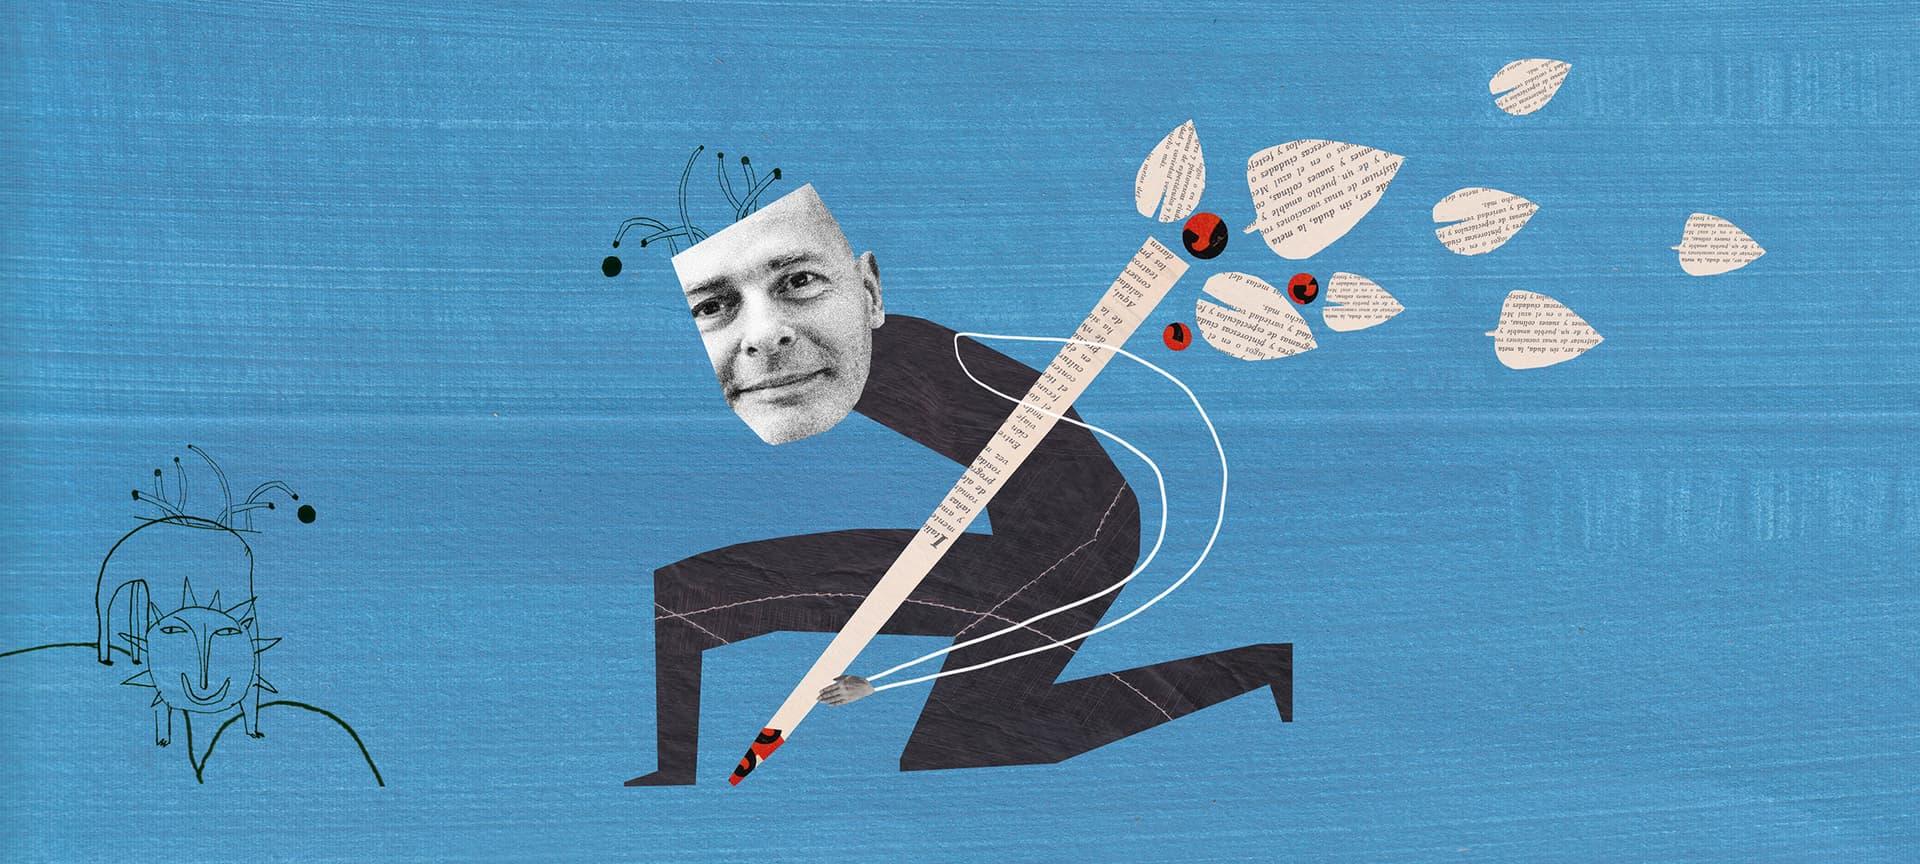 Fred mit Stift auf blauem Grund